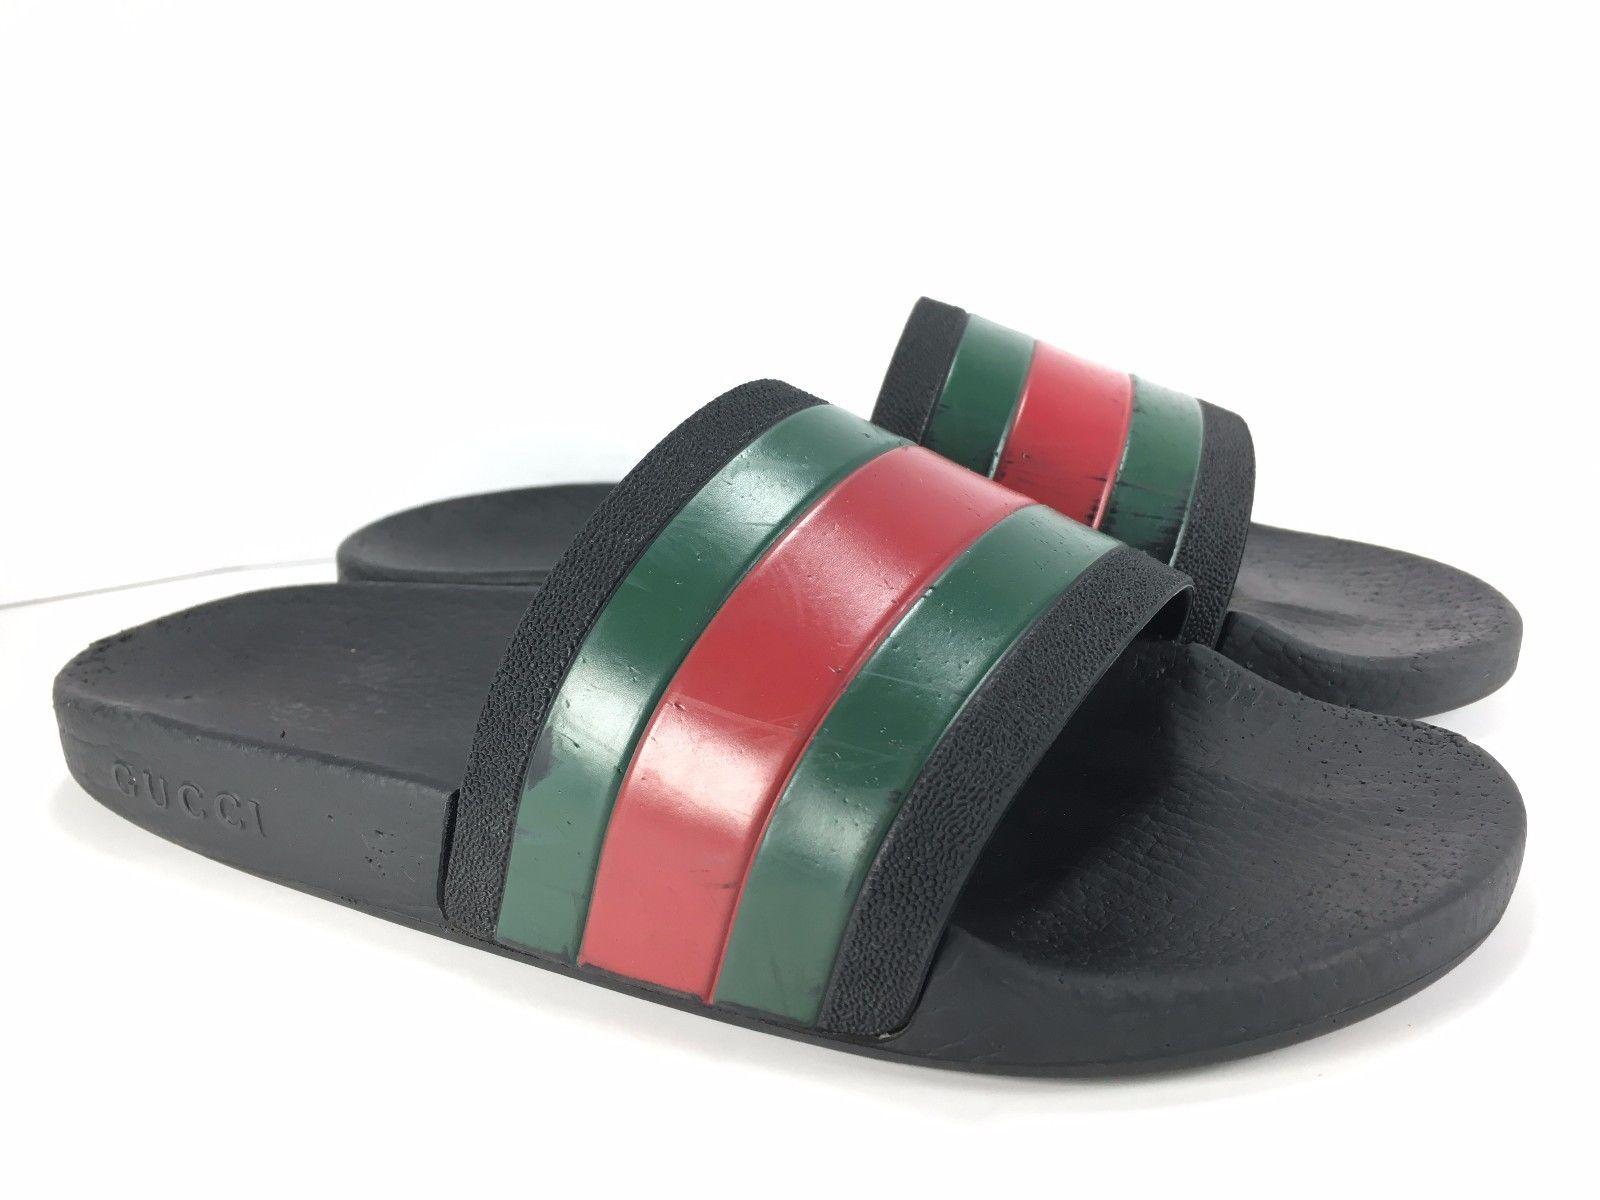 2915b2086cc6 gucci-flip-flop-rubber-slide-men-sandal-size-6 -1d2a8cfef3f66492f76224695d7769e2